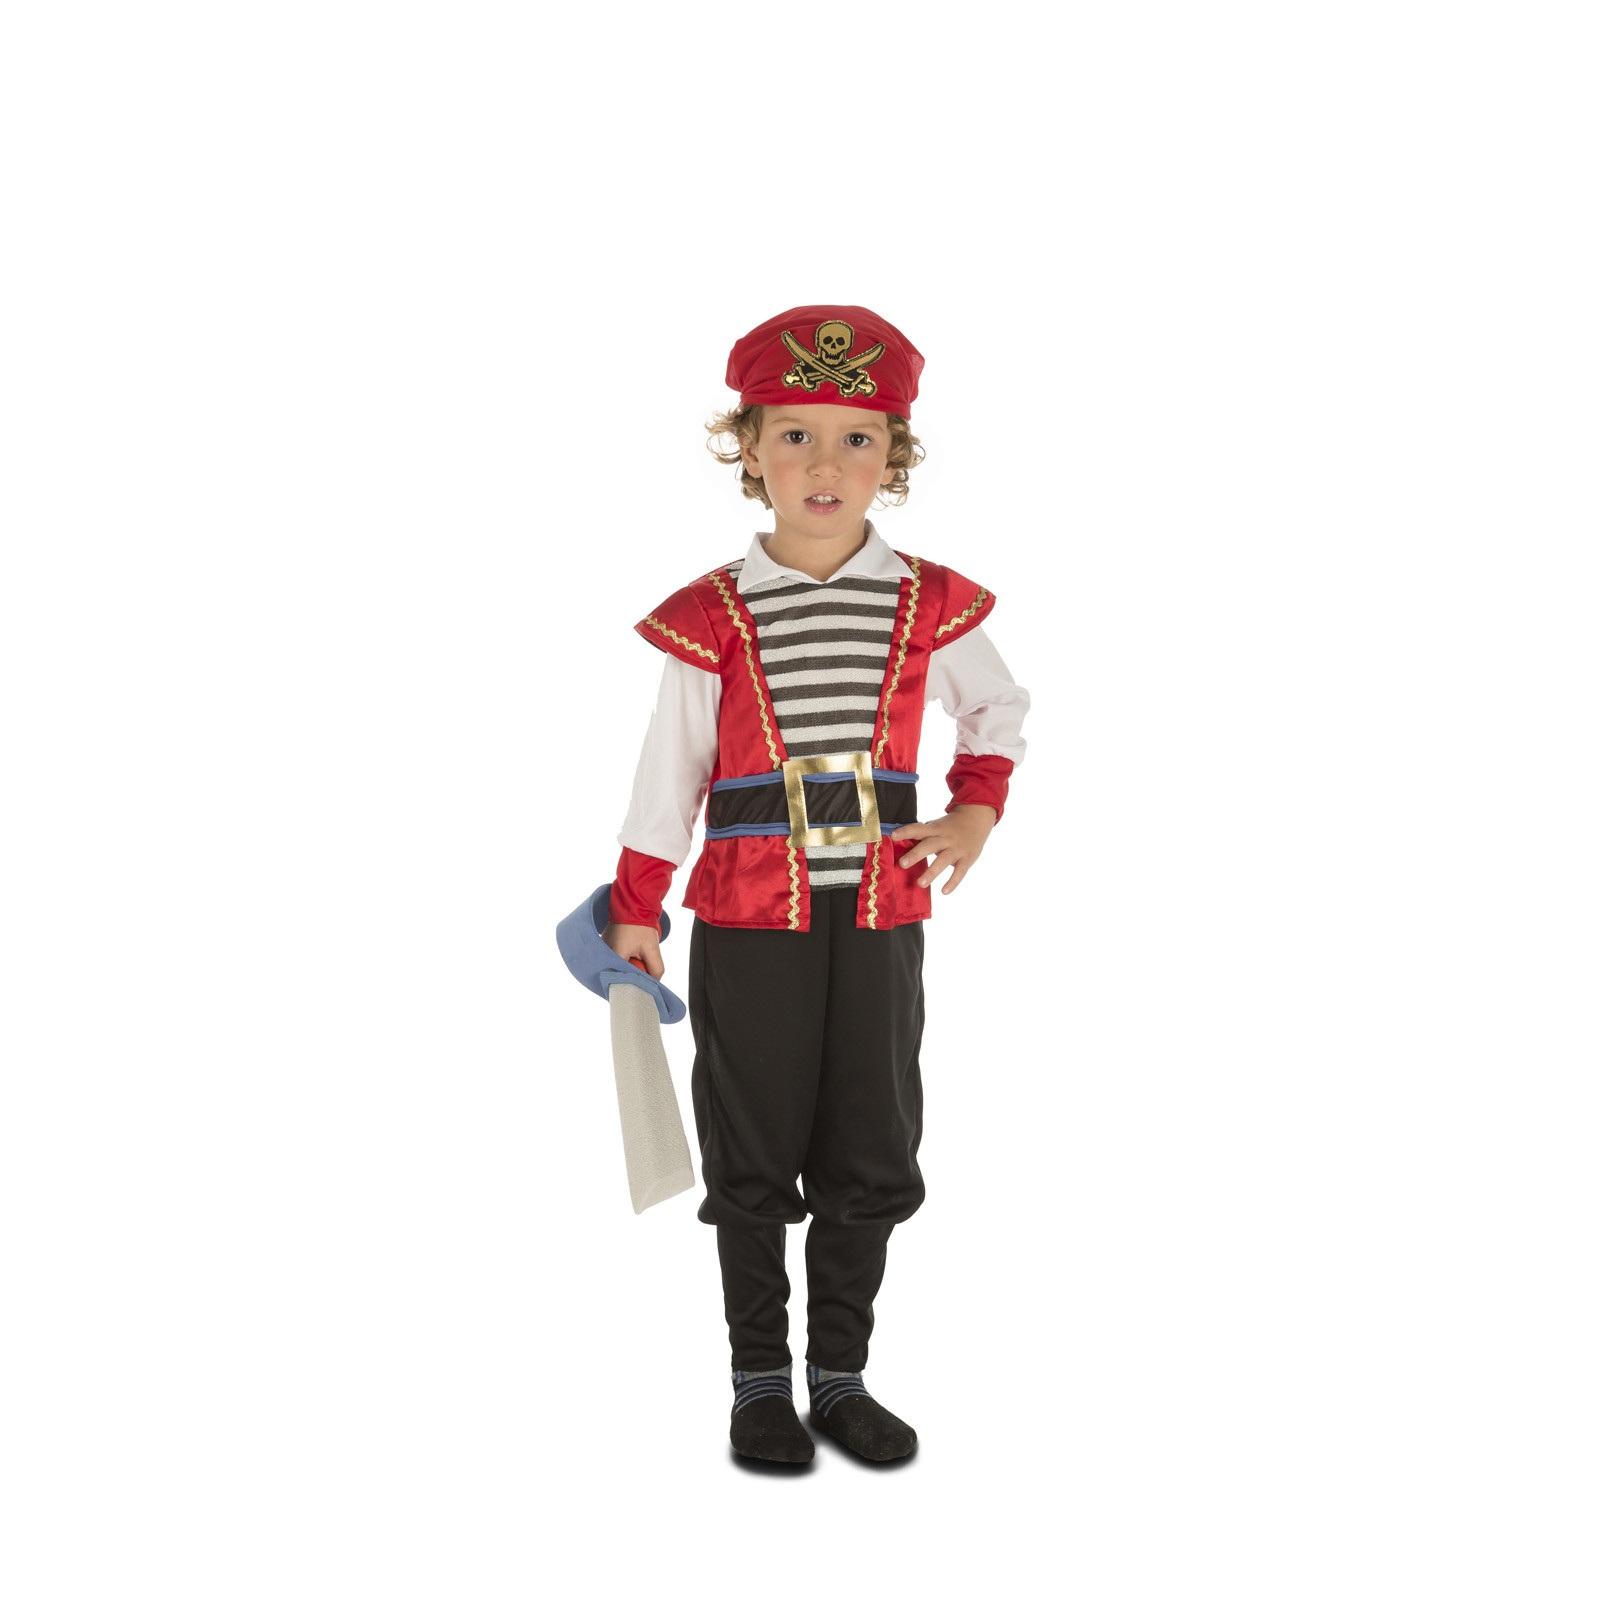 disfraz pirata rojo niño 204076mom - DISFRAZ DE PIRATA ROJO NIÑO